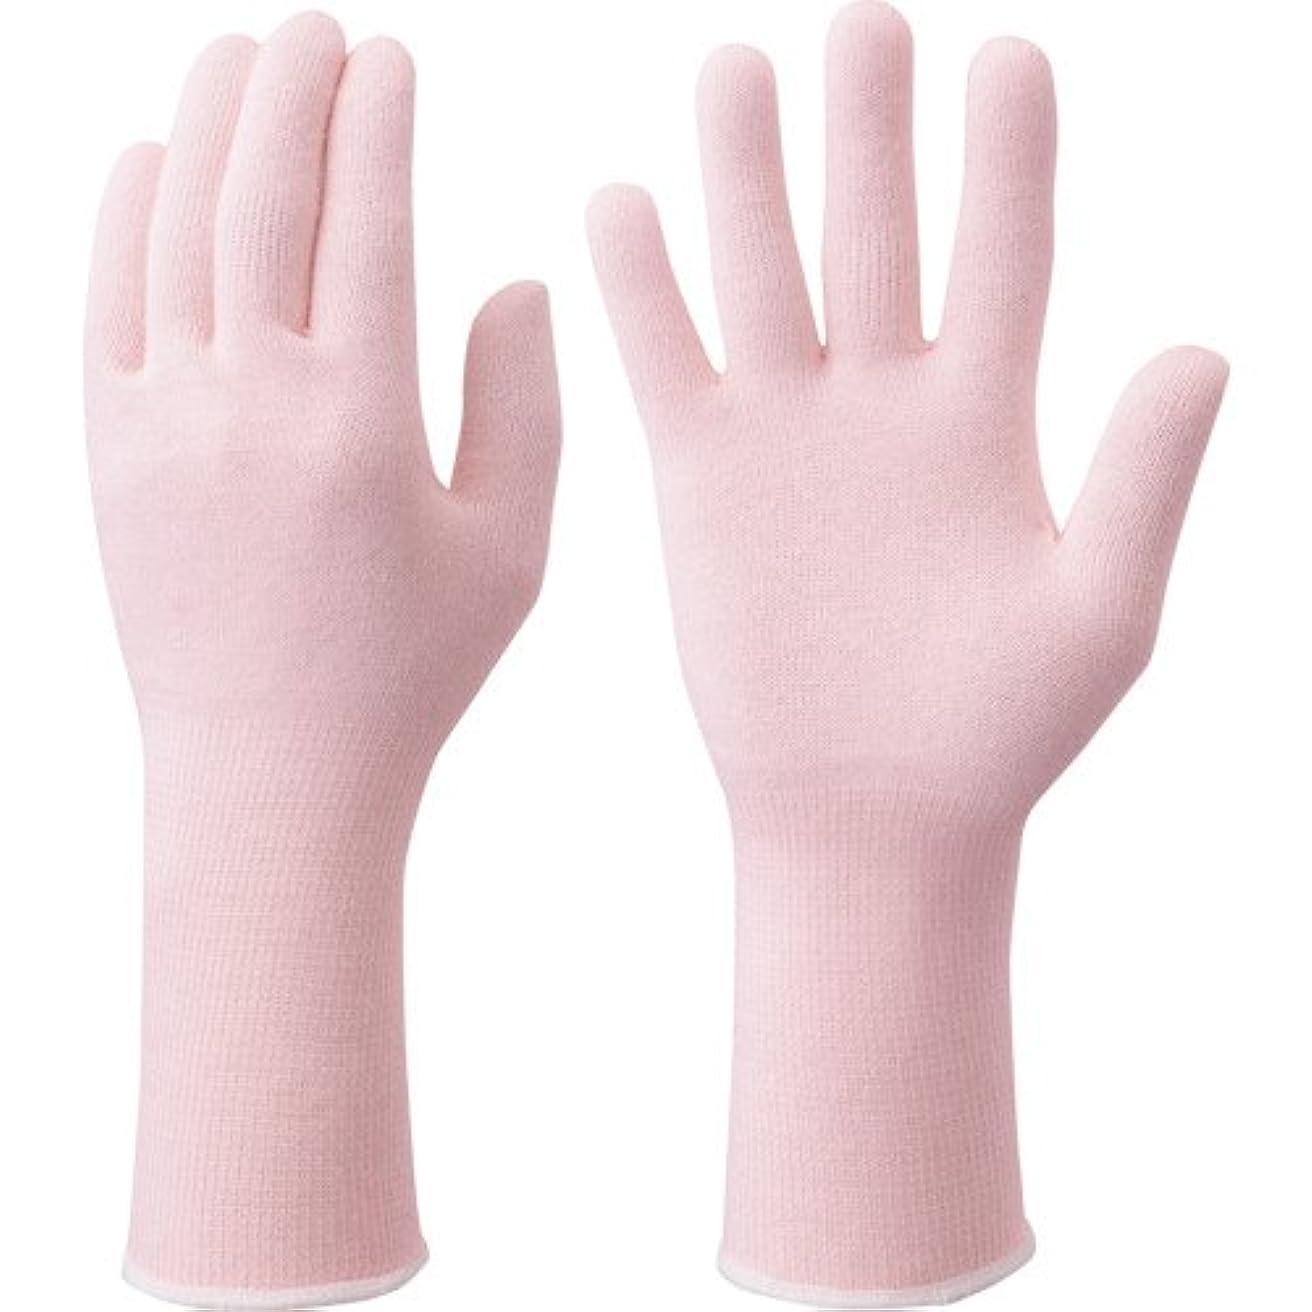 無一文賄賂過言手肌をいたわる手袋フリーピンク